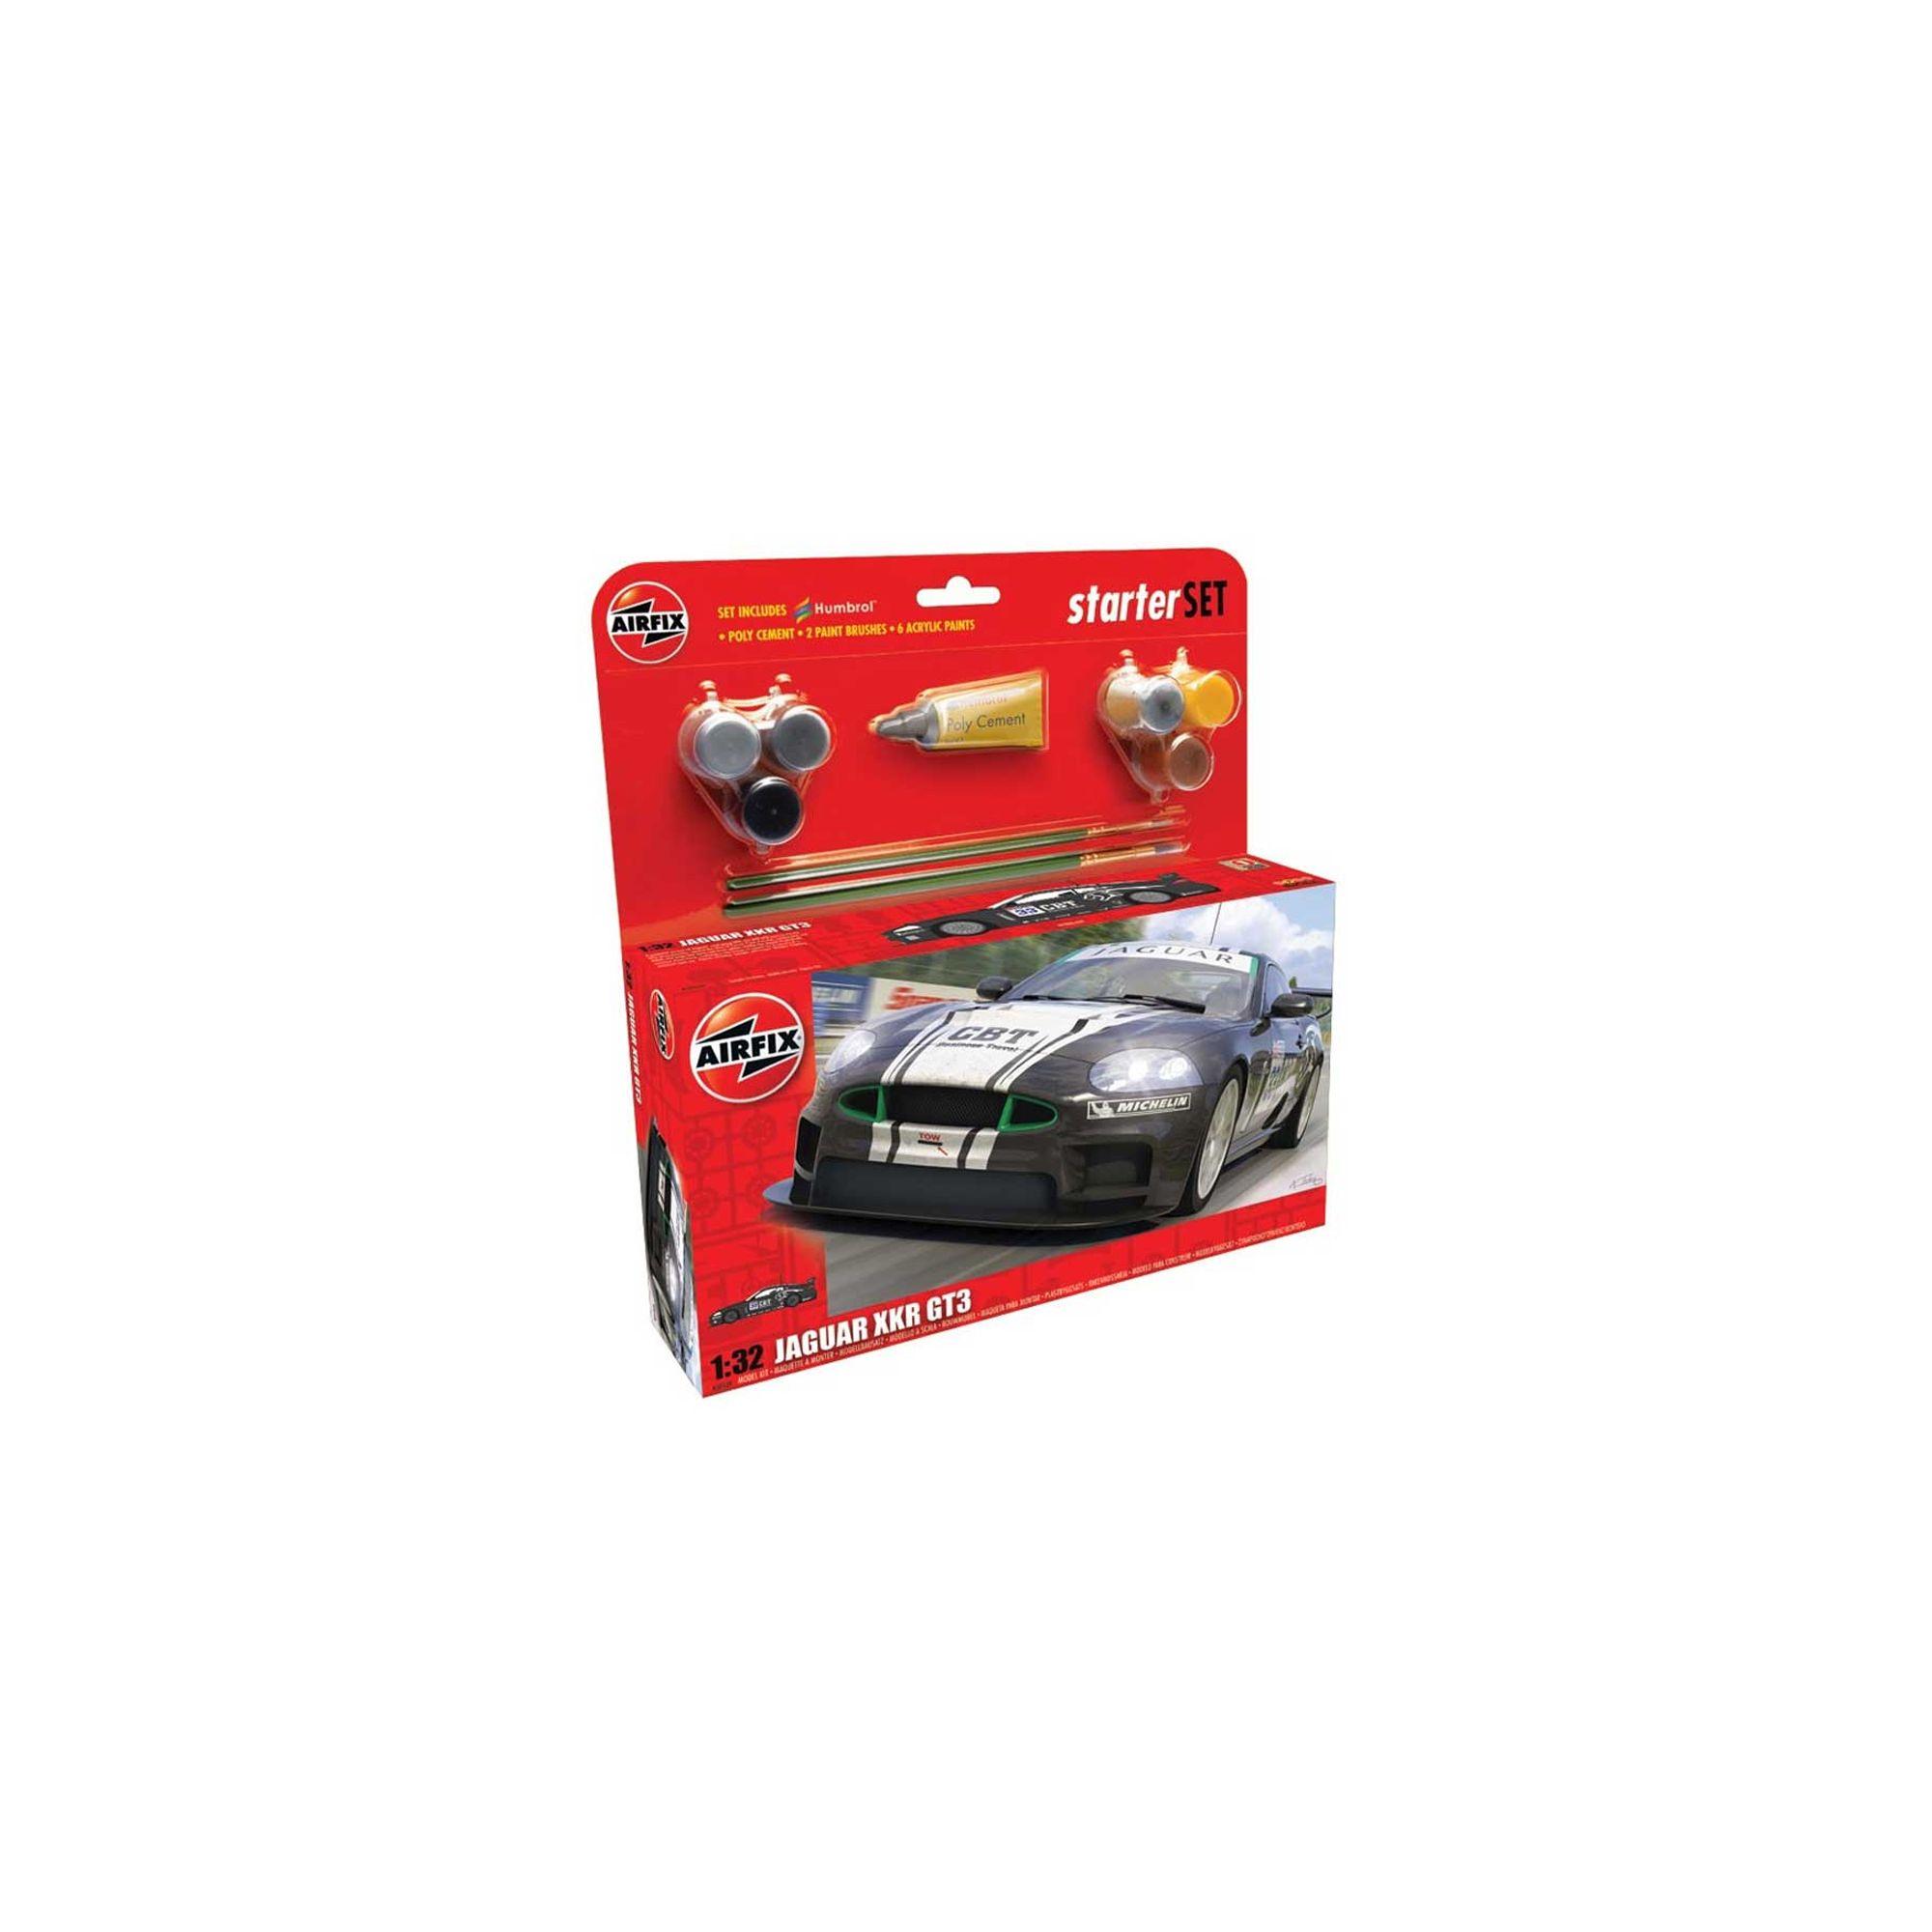 Aston Martin Replica Kit Car 1 Of 5 Ever Made Ferrari Car: Myshop